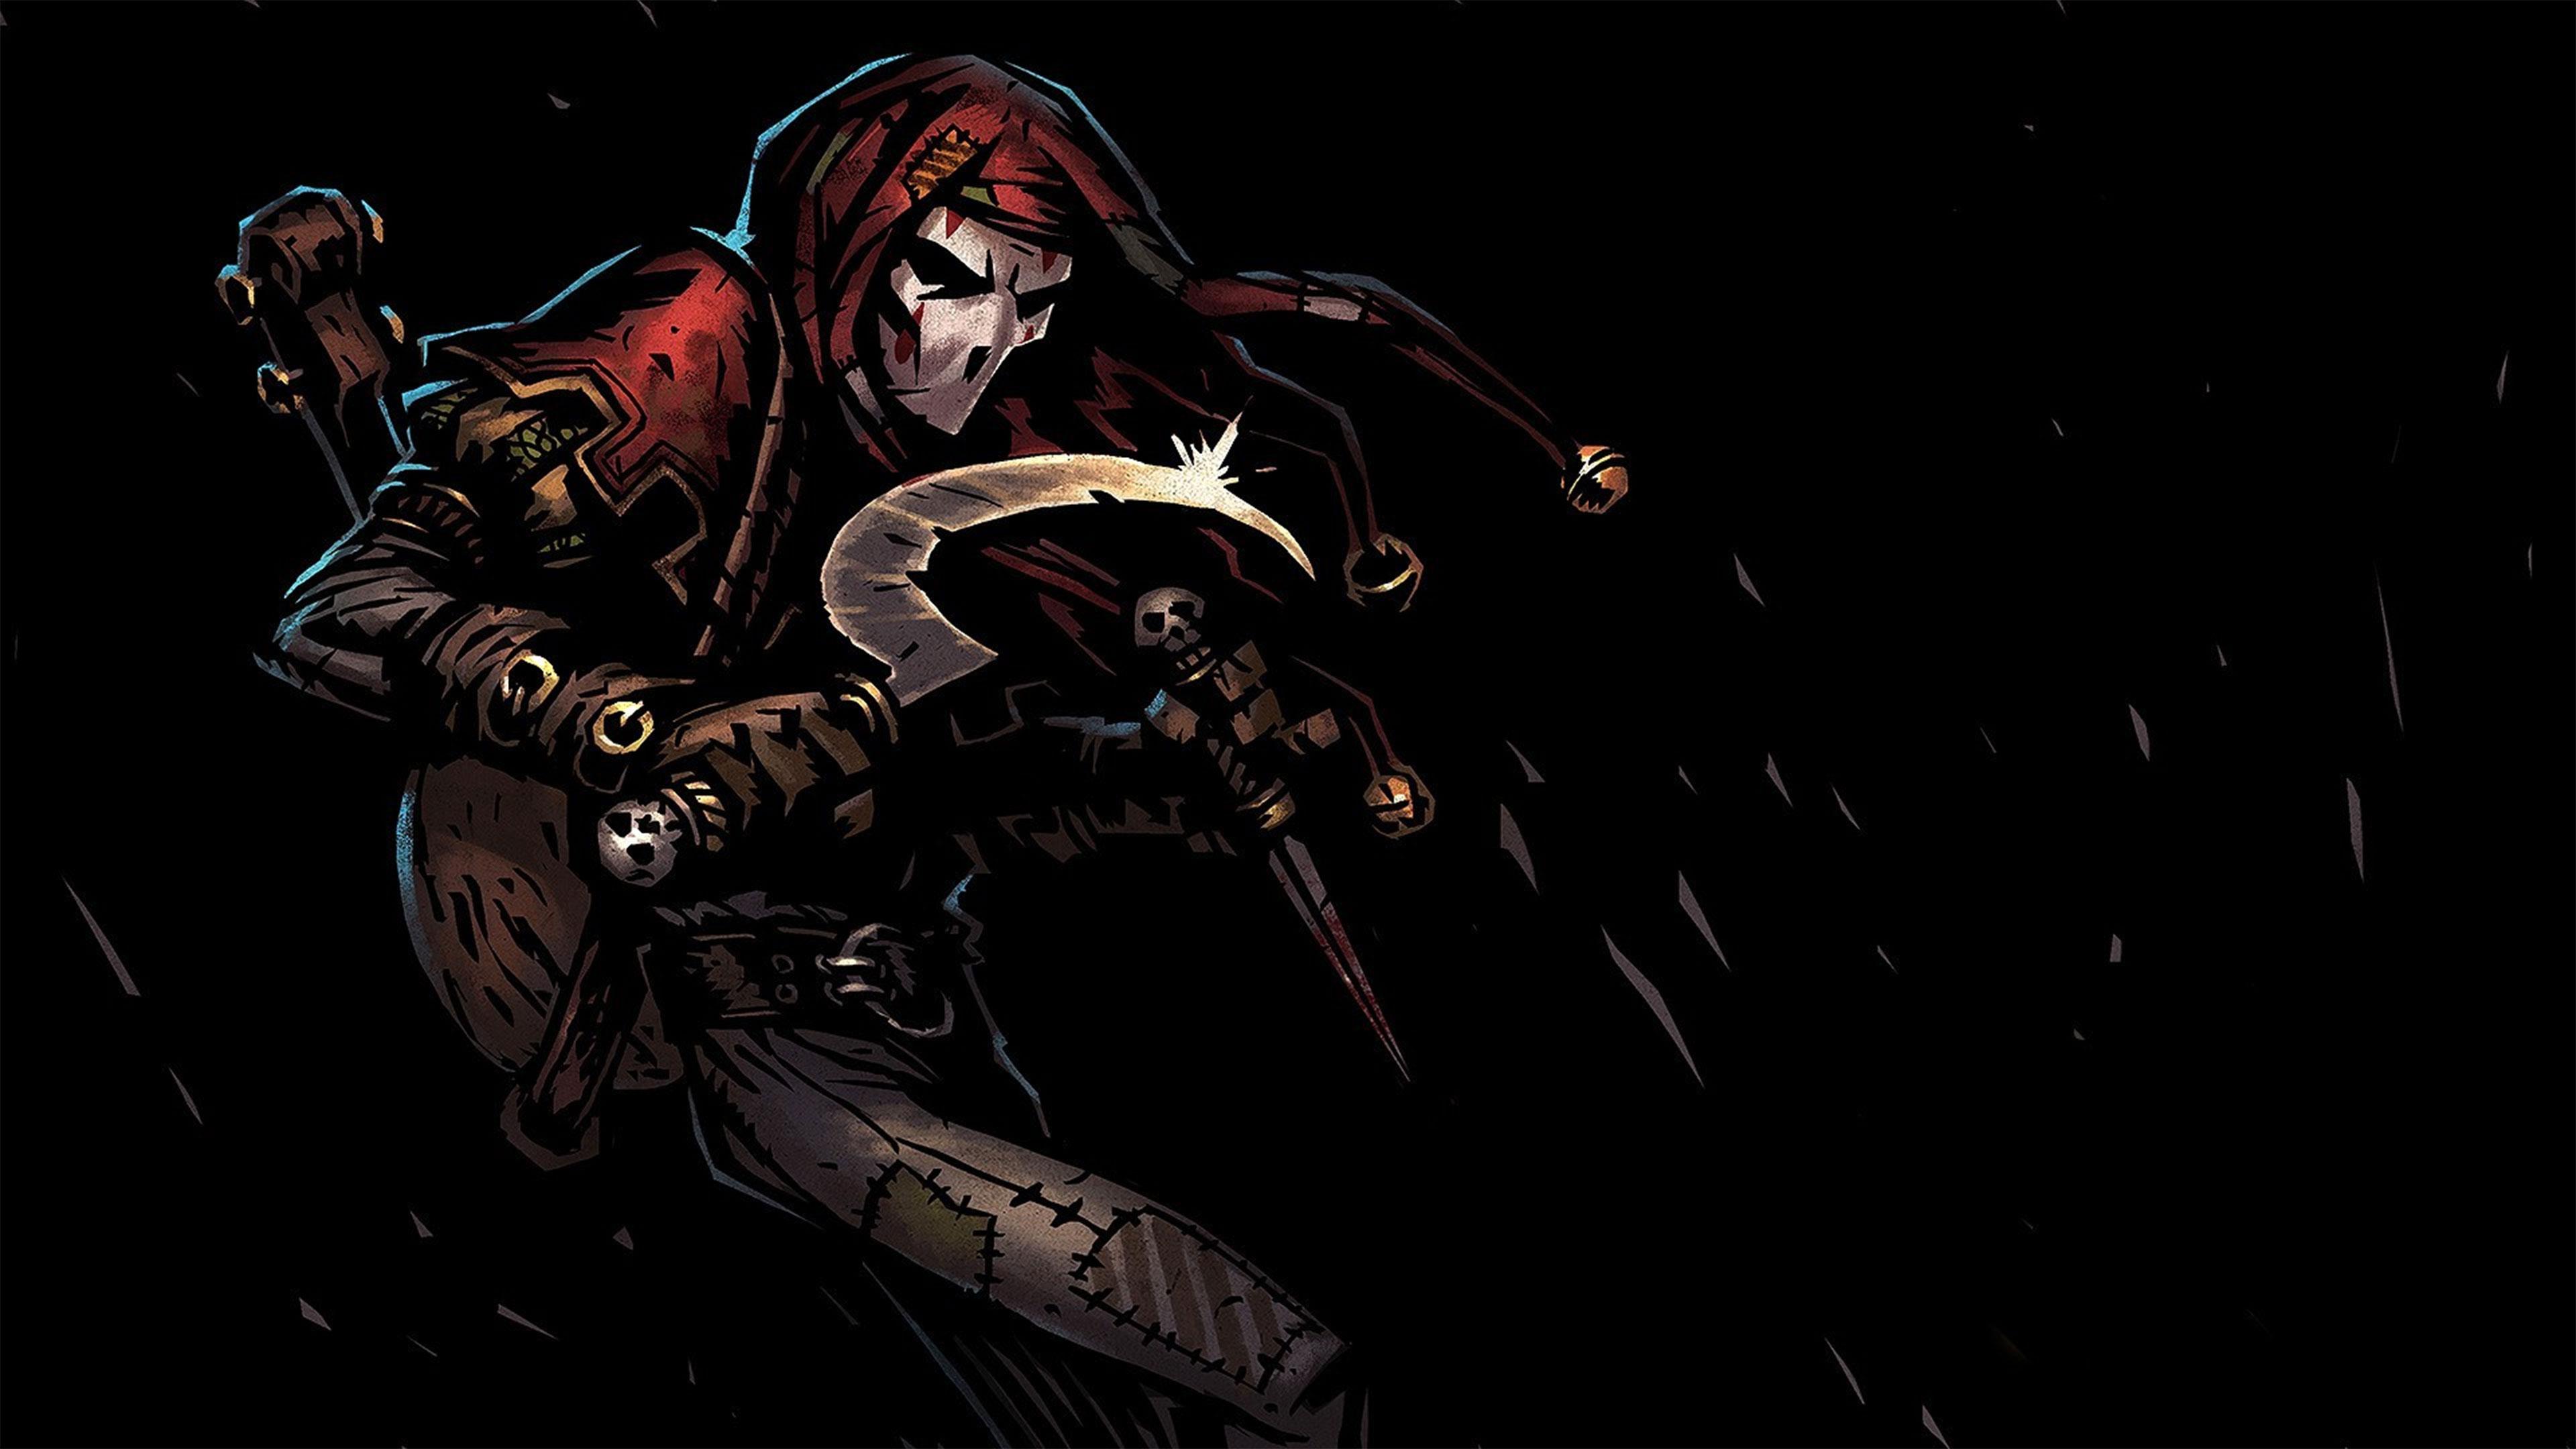 Darkest Dungeon 4k Wallpaper Darkest Dungeon Skyrim